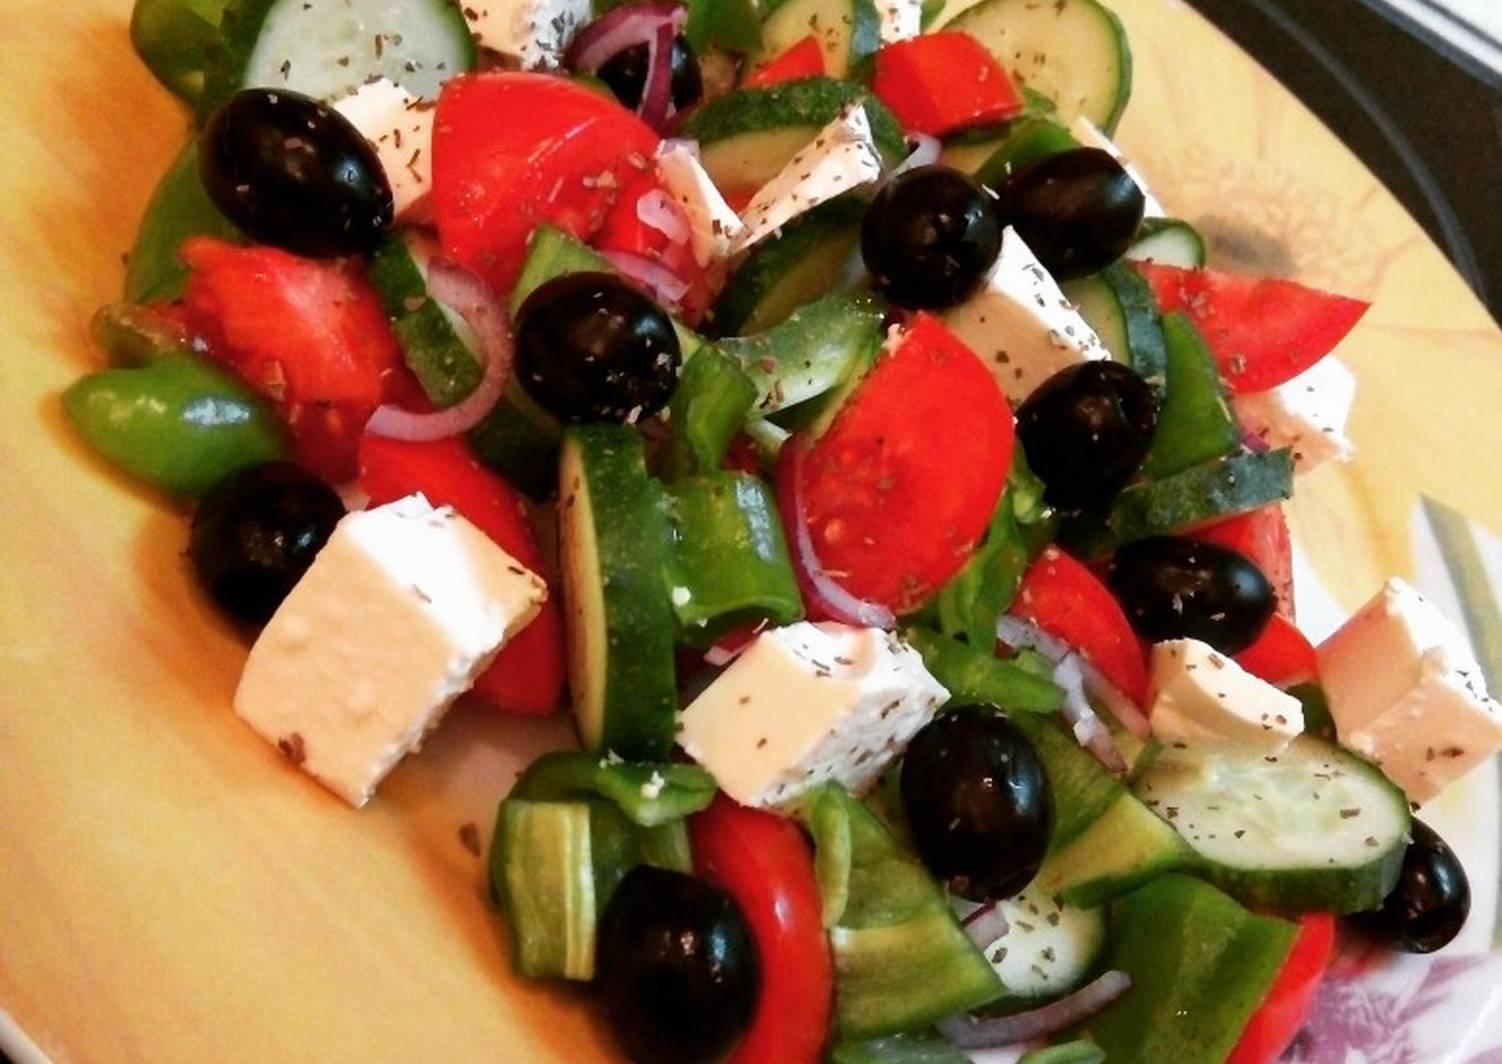 трущобы реальности, как готовить греческий салат рецепт с фото английском картинках звуками